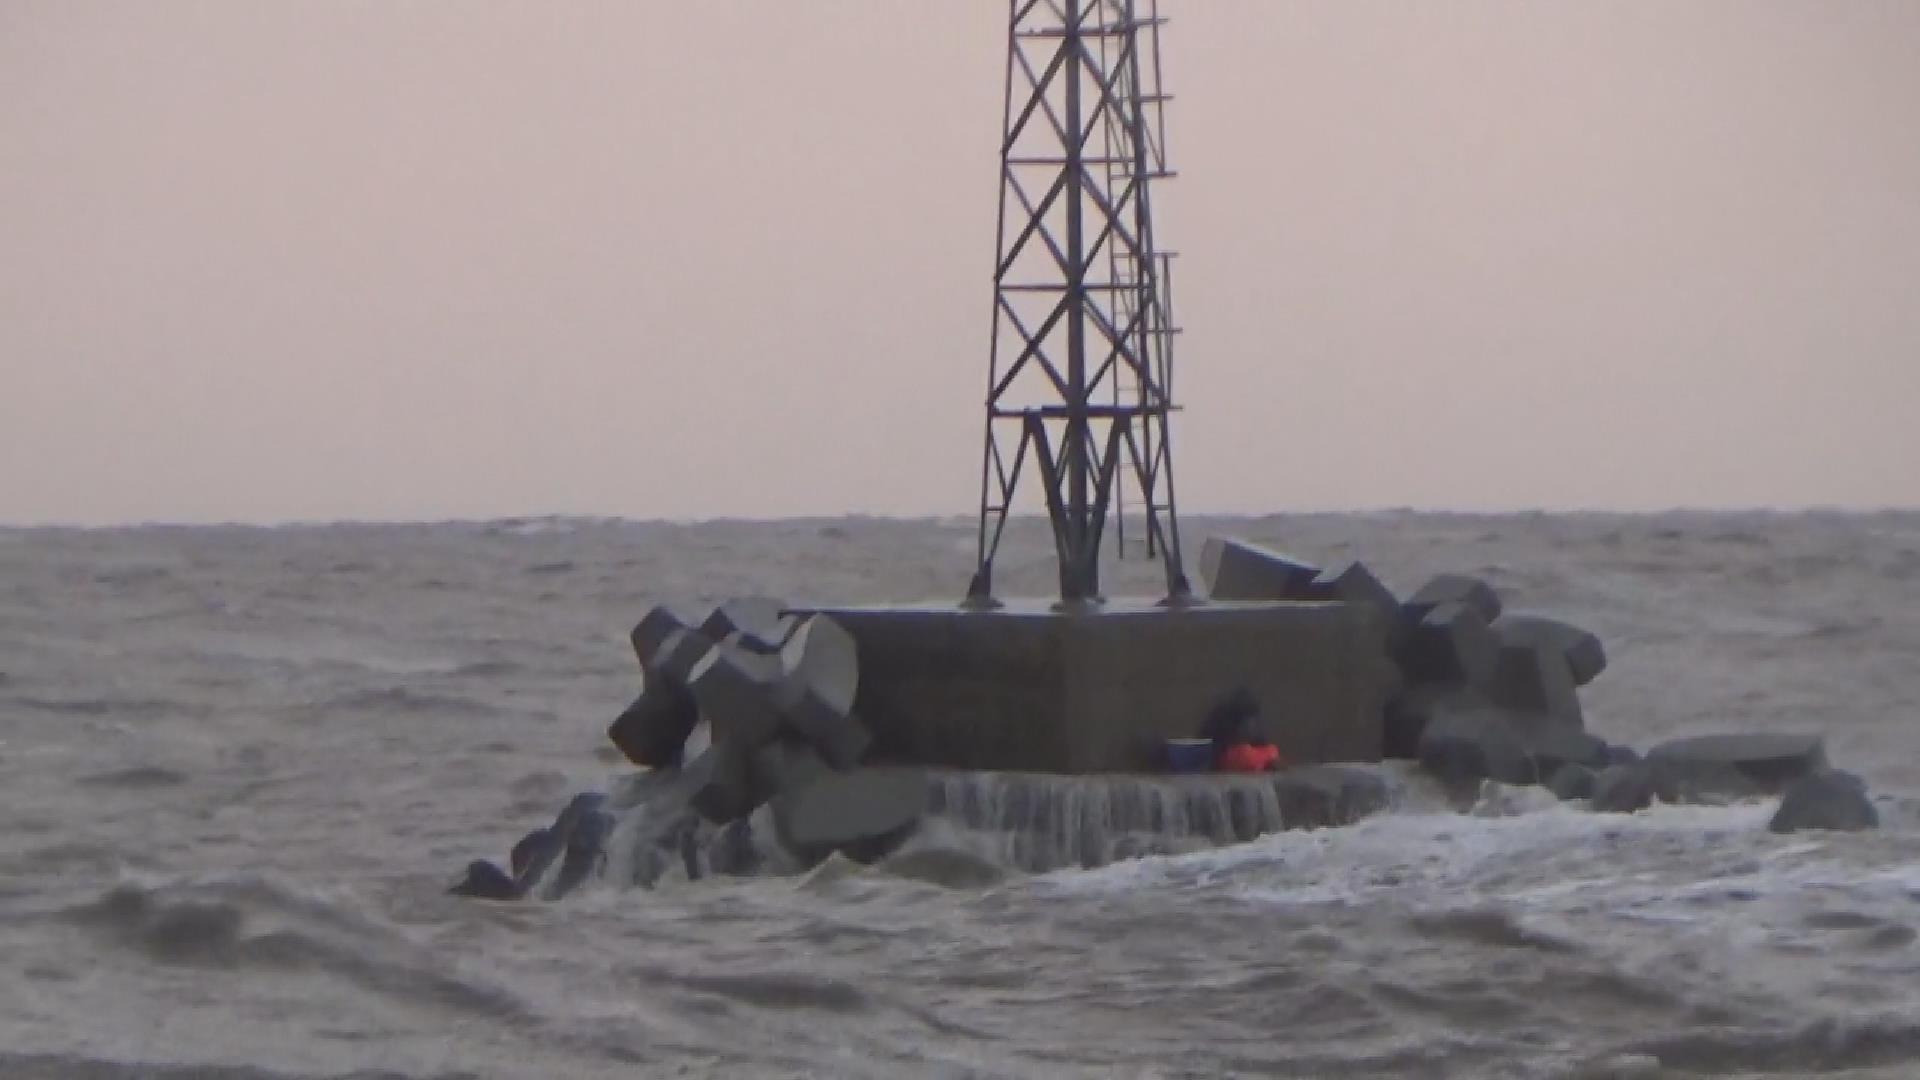 42秒丨风暴突袭东营海钓者海水中泡一夜 搜救队直升机救援